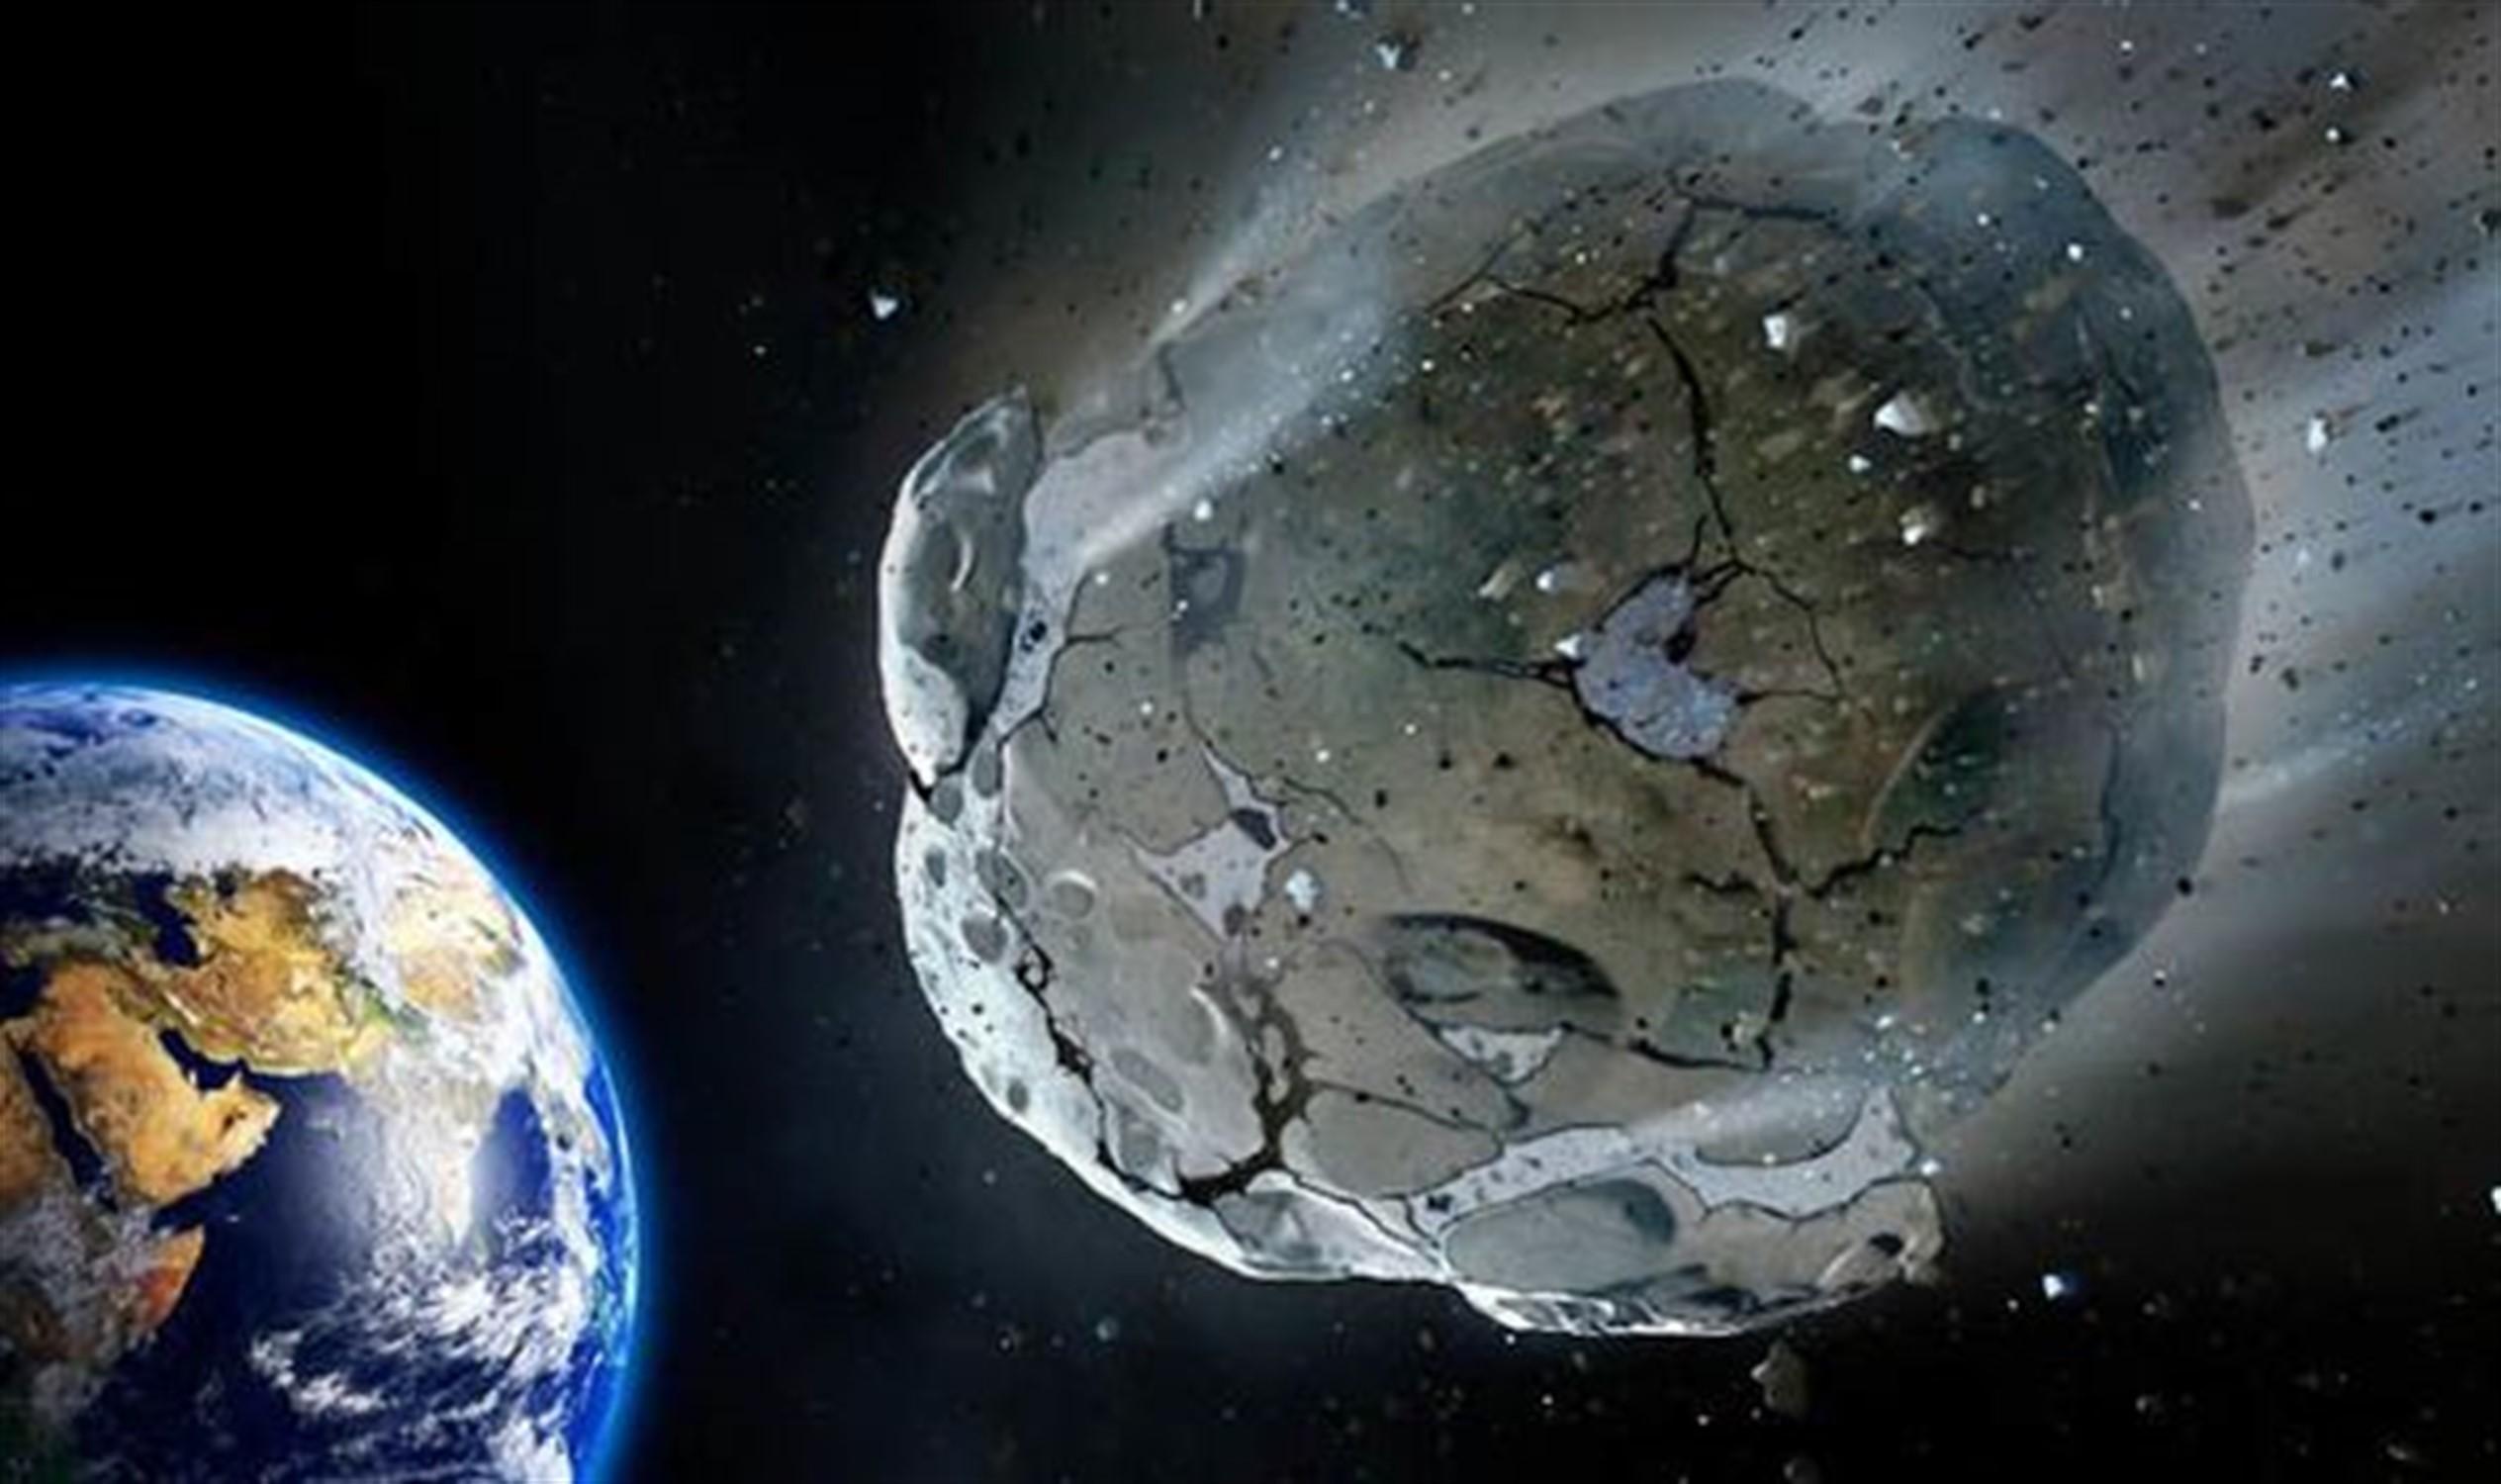 nasa asteroid 2019 - HD2528×1500